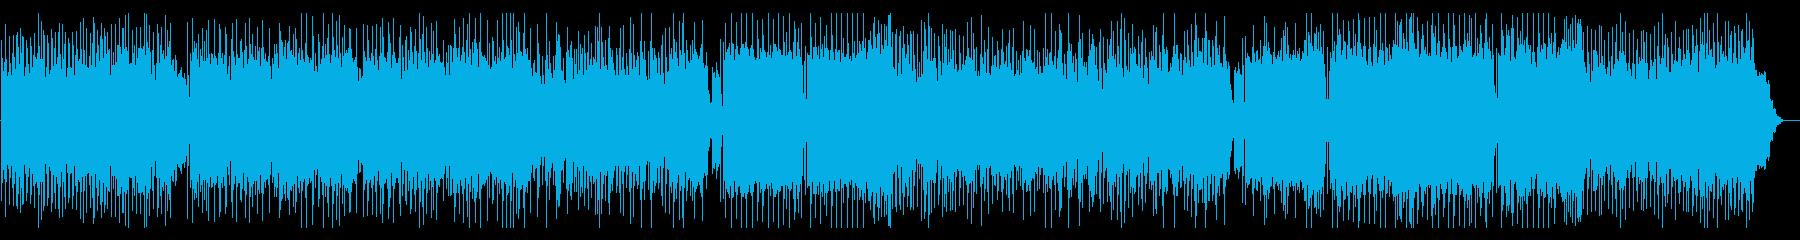 追跡シーンなどをイメージした緊迫系楽曲の再生済みの波形